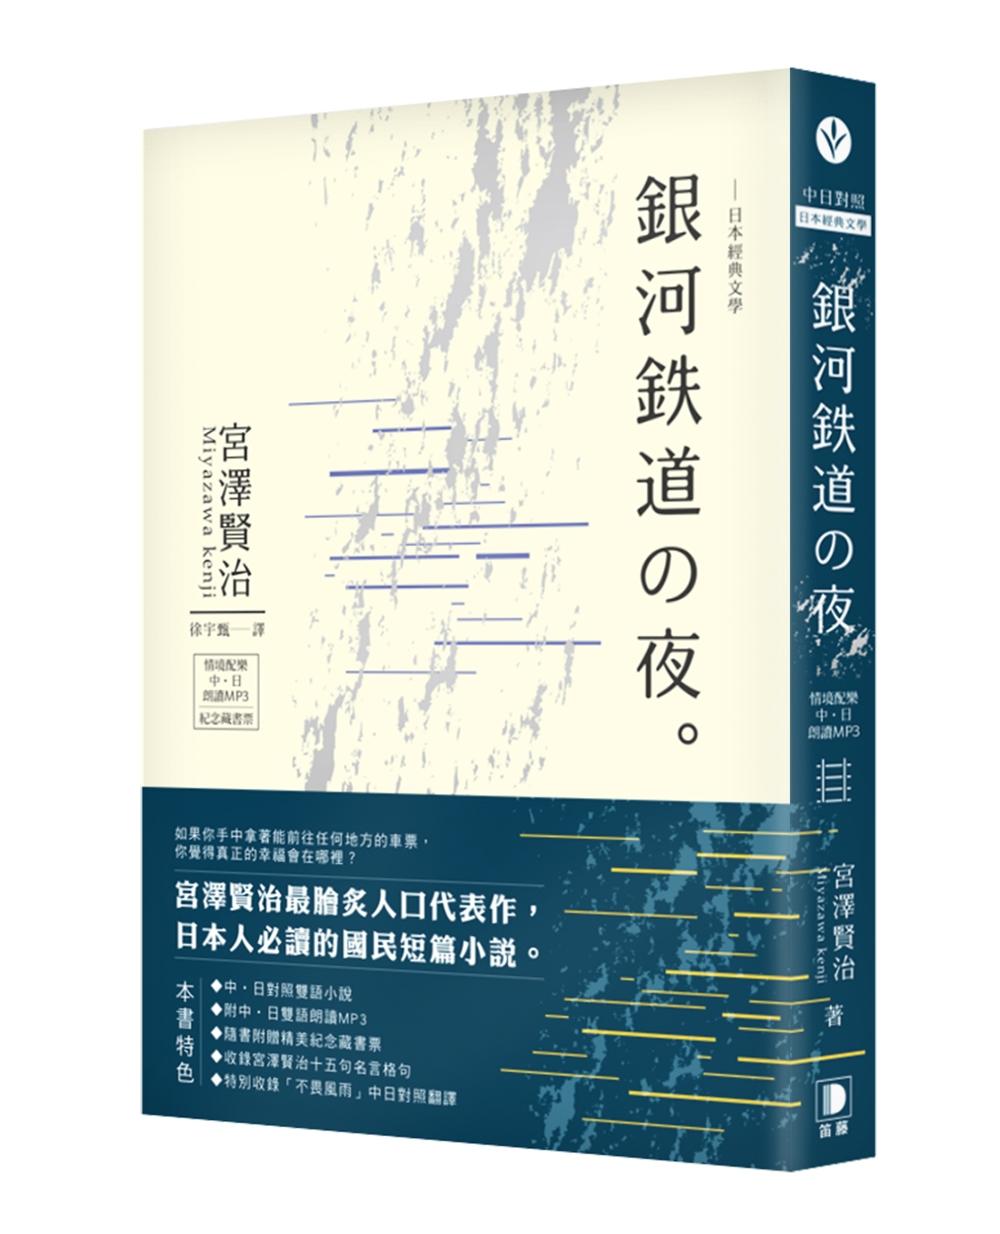 日本經典文學:銀河鐵道之夜(中‧日對照小說 附中日雙語MP3‧精美藏書票)